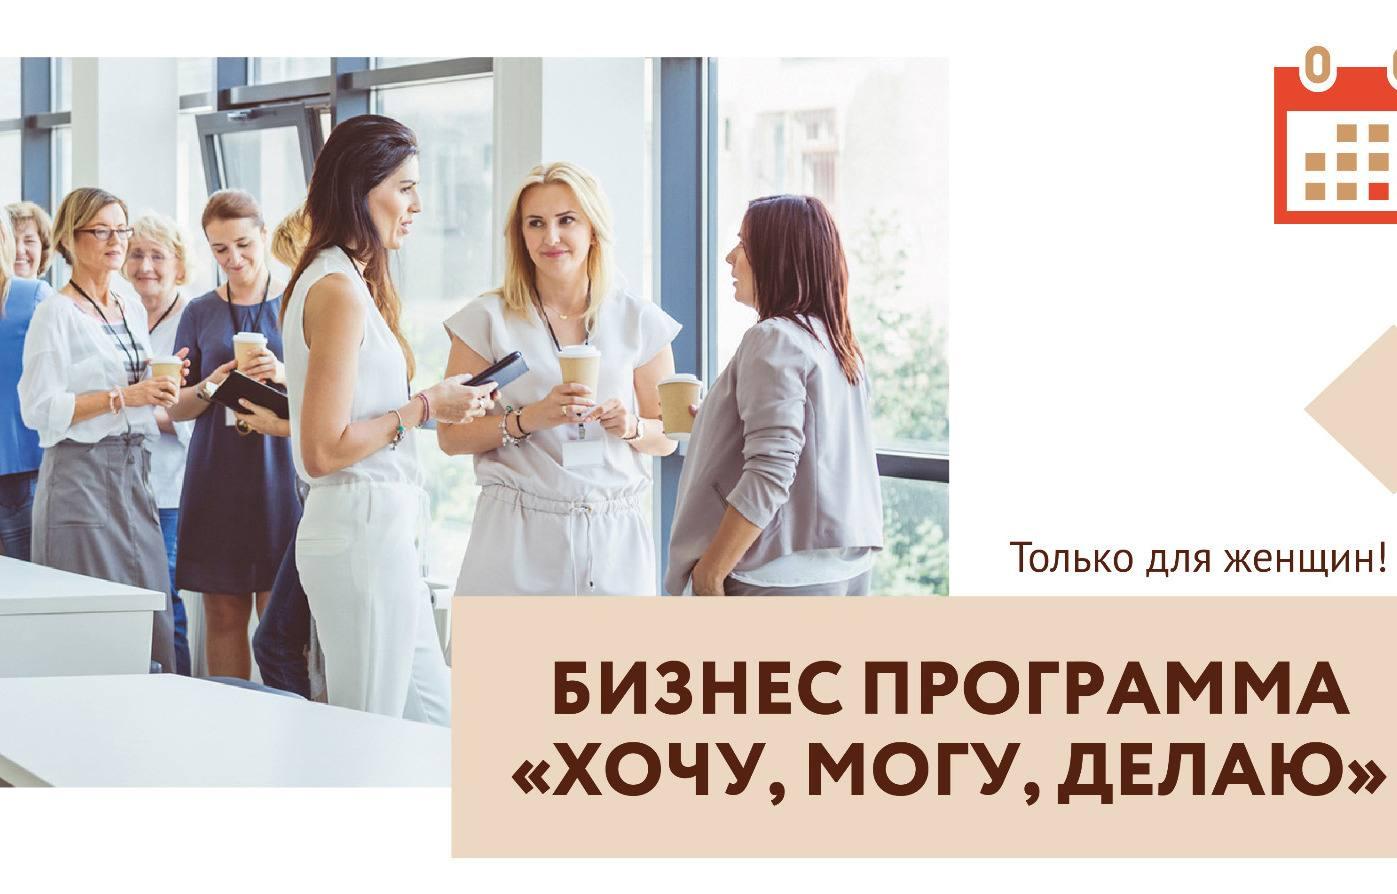 Бизнес-курс для женщин-предпринимателей «Хочу, могу, делаю» в Самаре